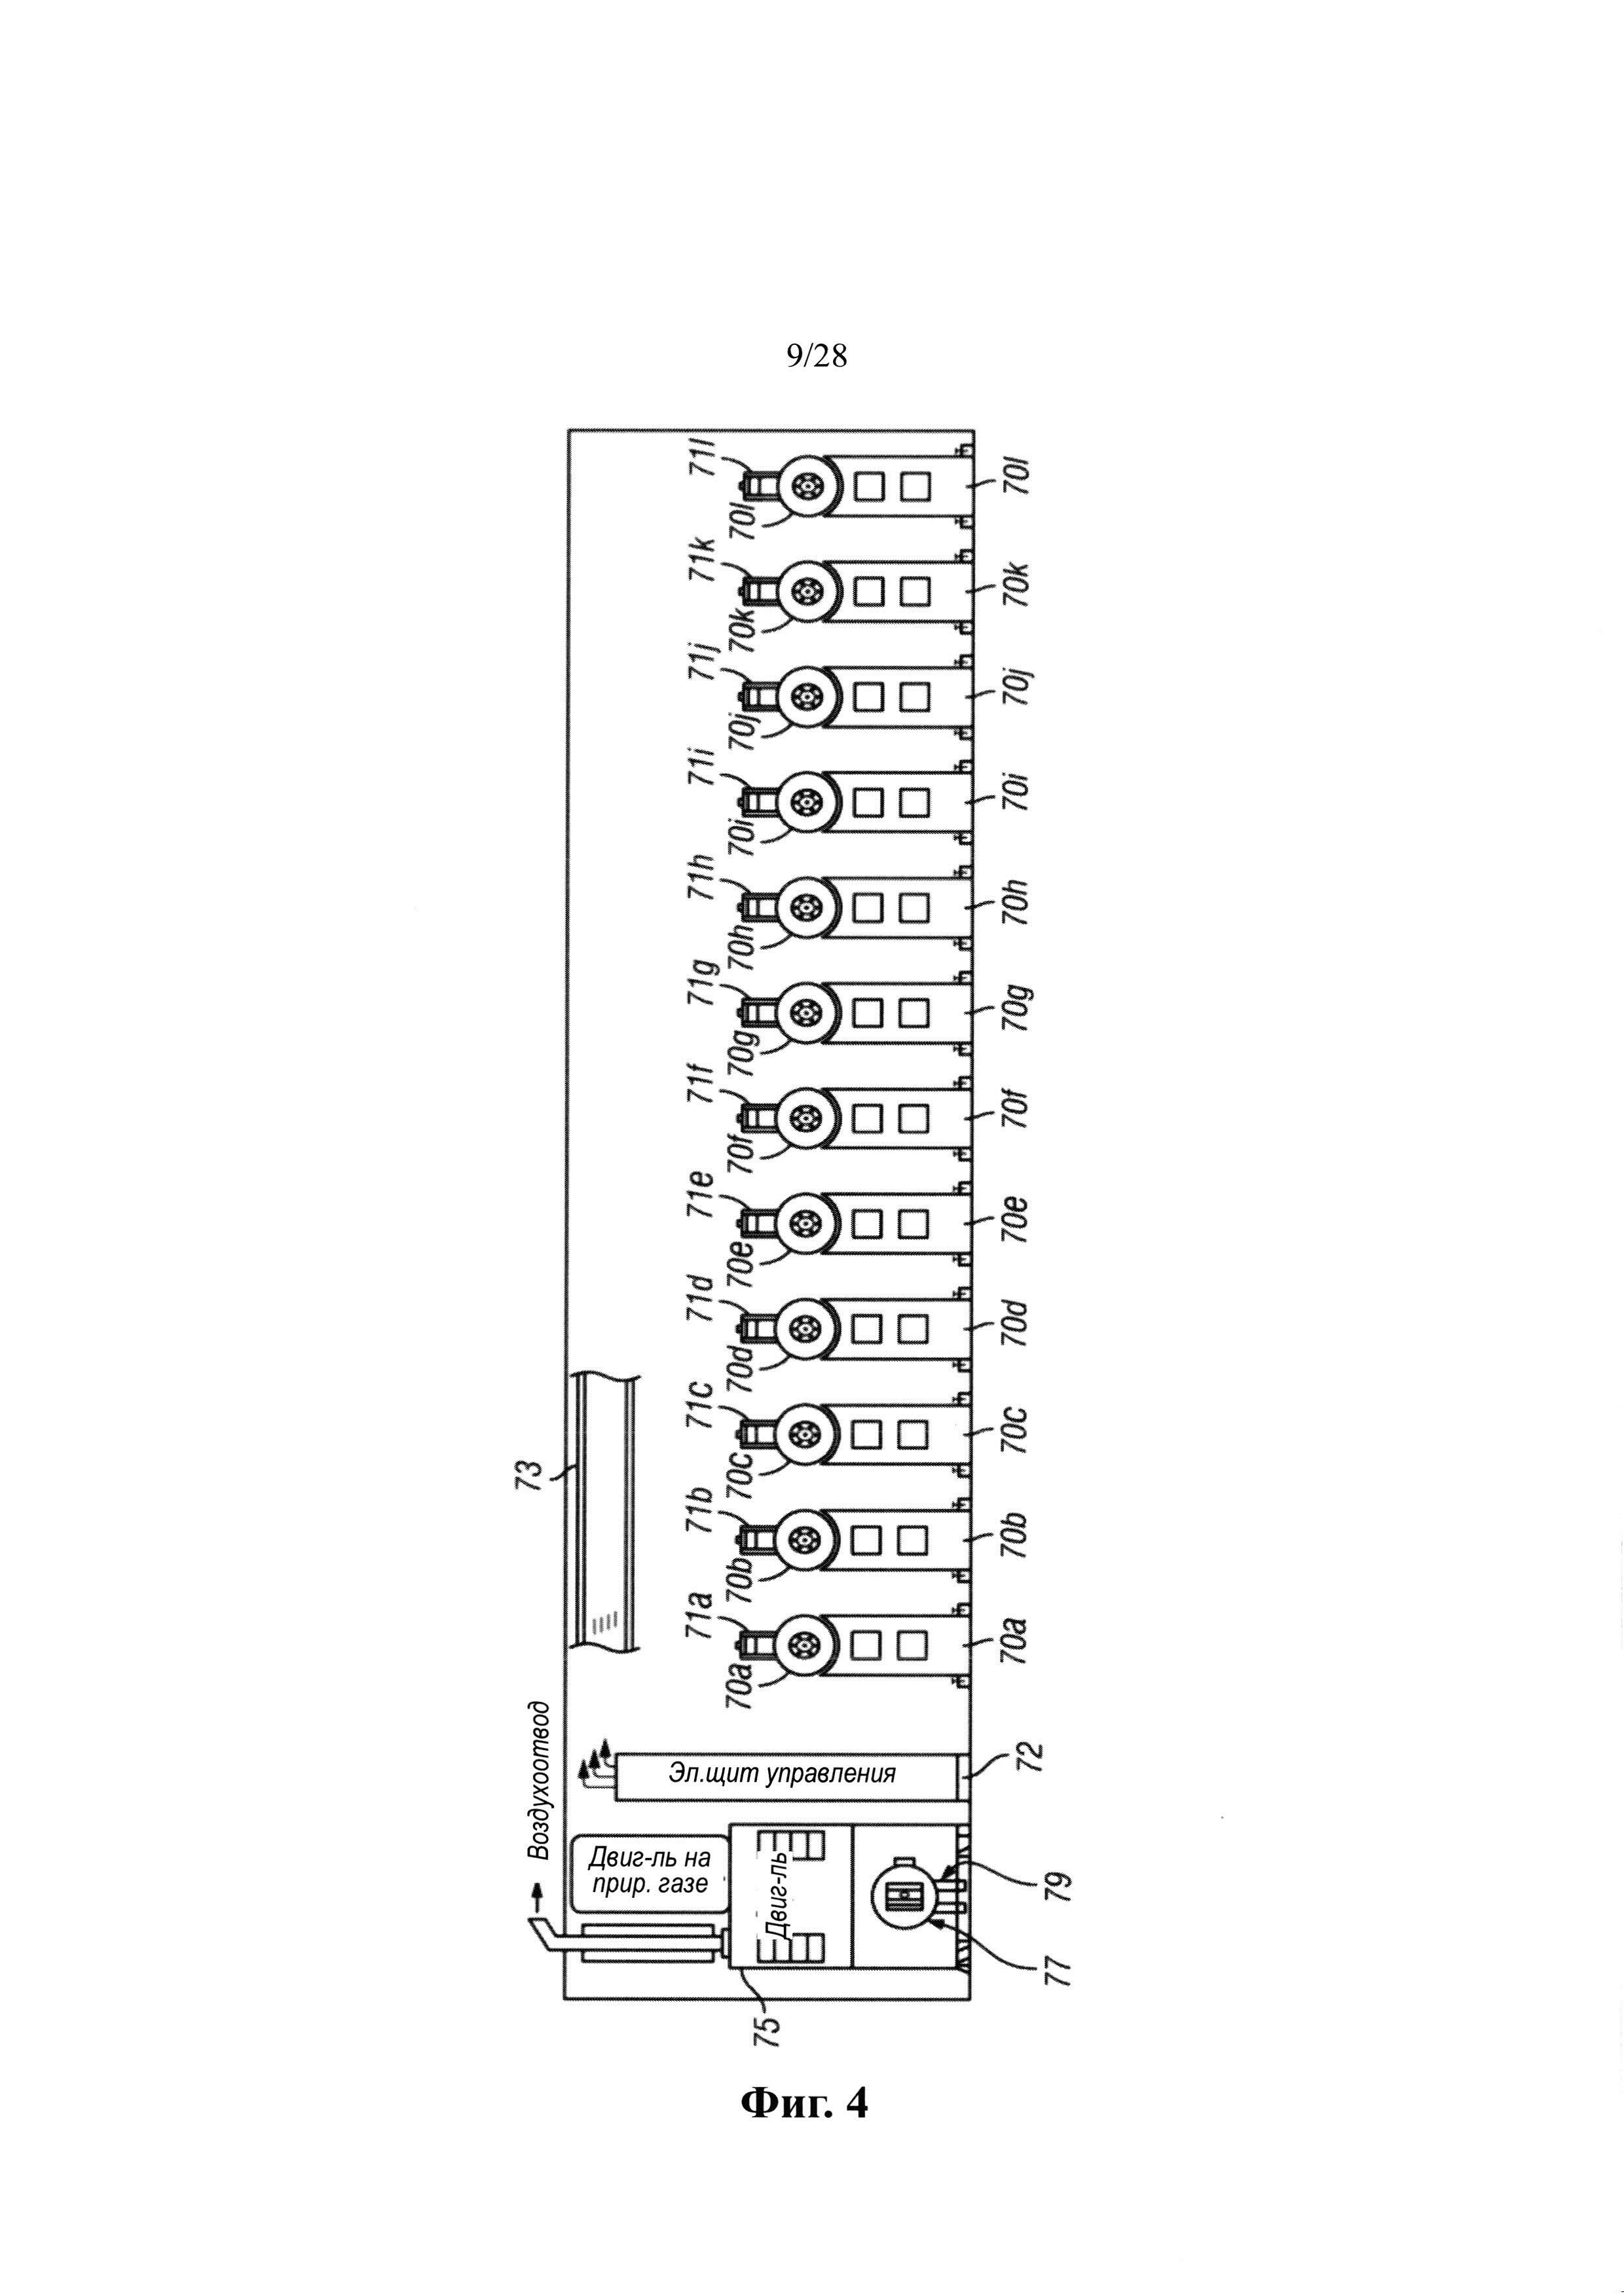 Дробилка дшс-1, 5 дробильная установка в Каменск-Уральский